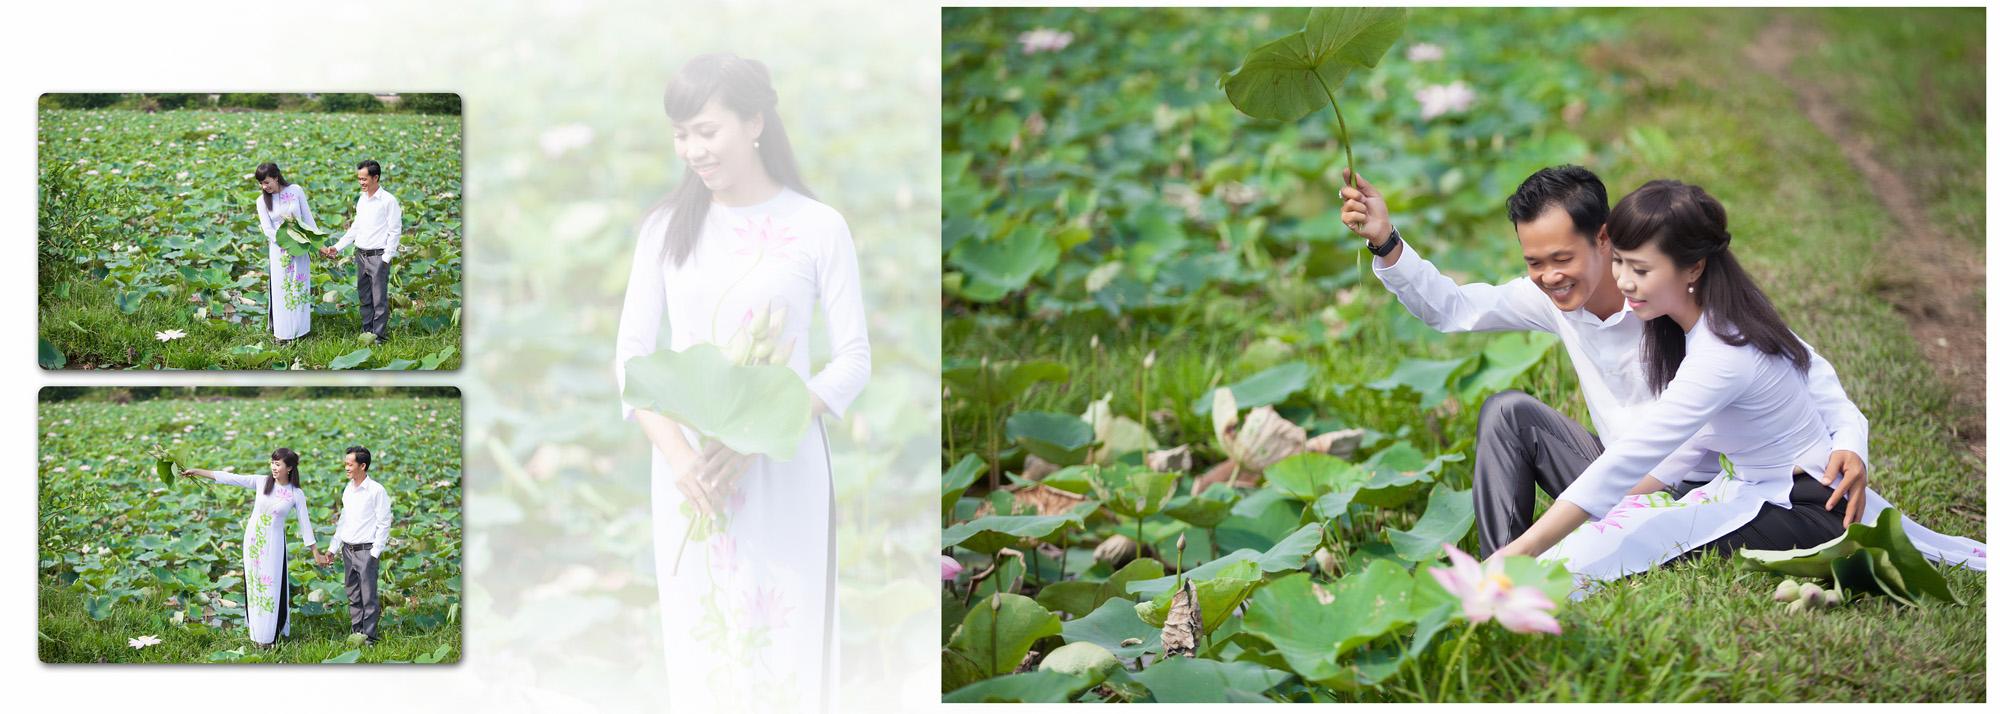 Album chụp hình cưới Hoàng và My 3